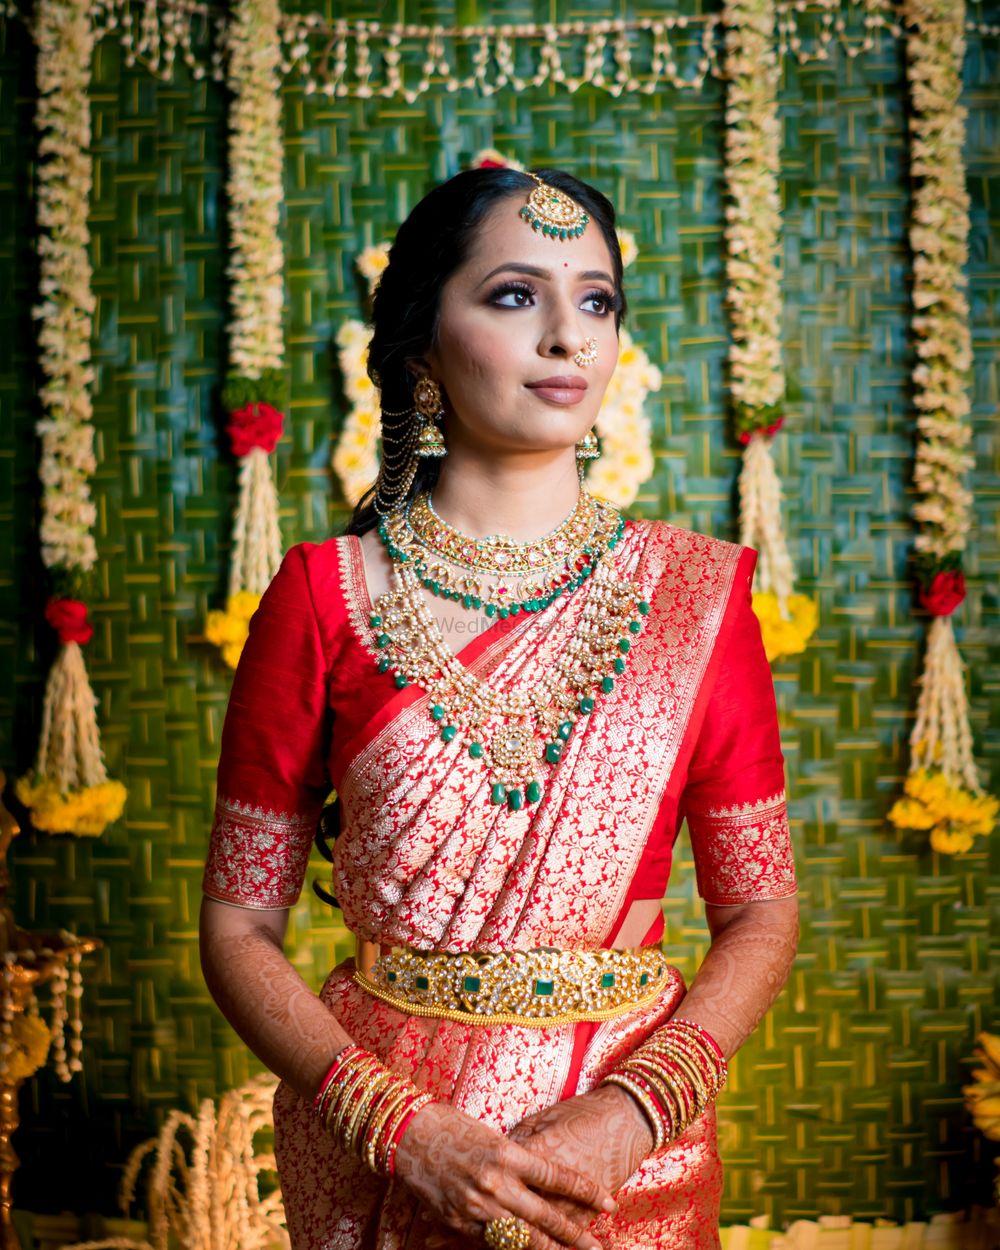 Photo From Pellikuthuru - By Make-up by Afsha Rangila